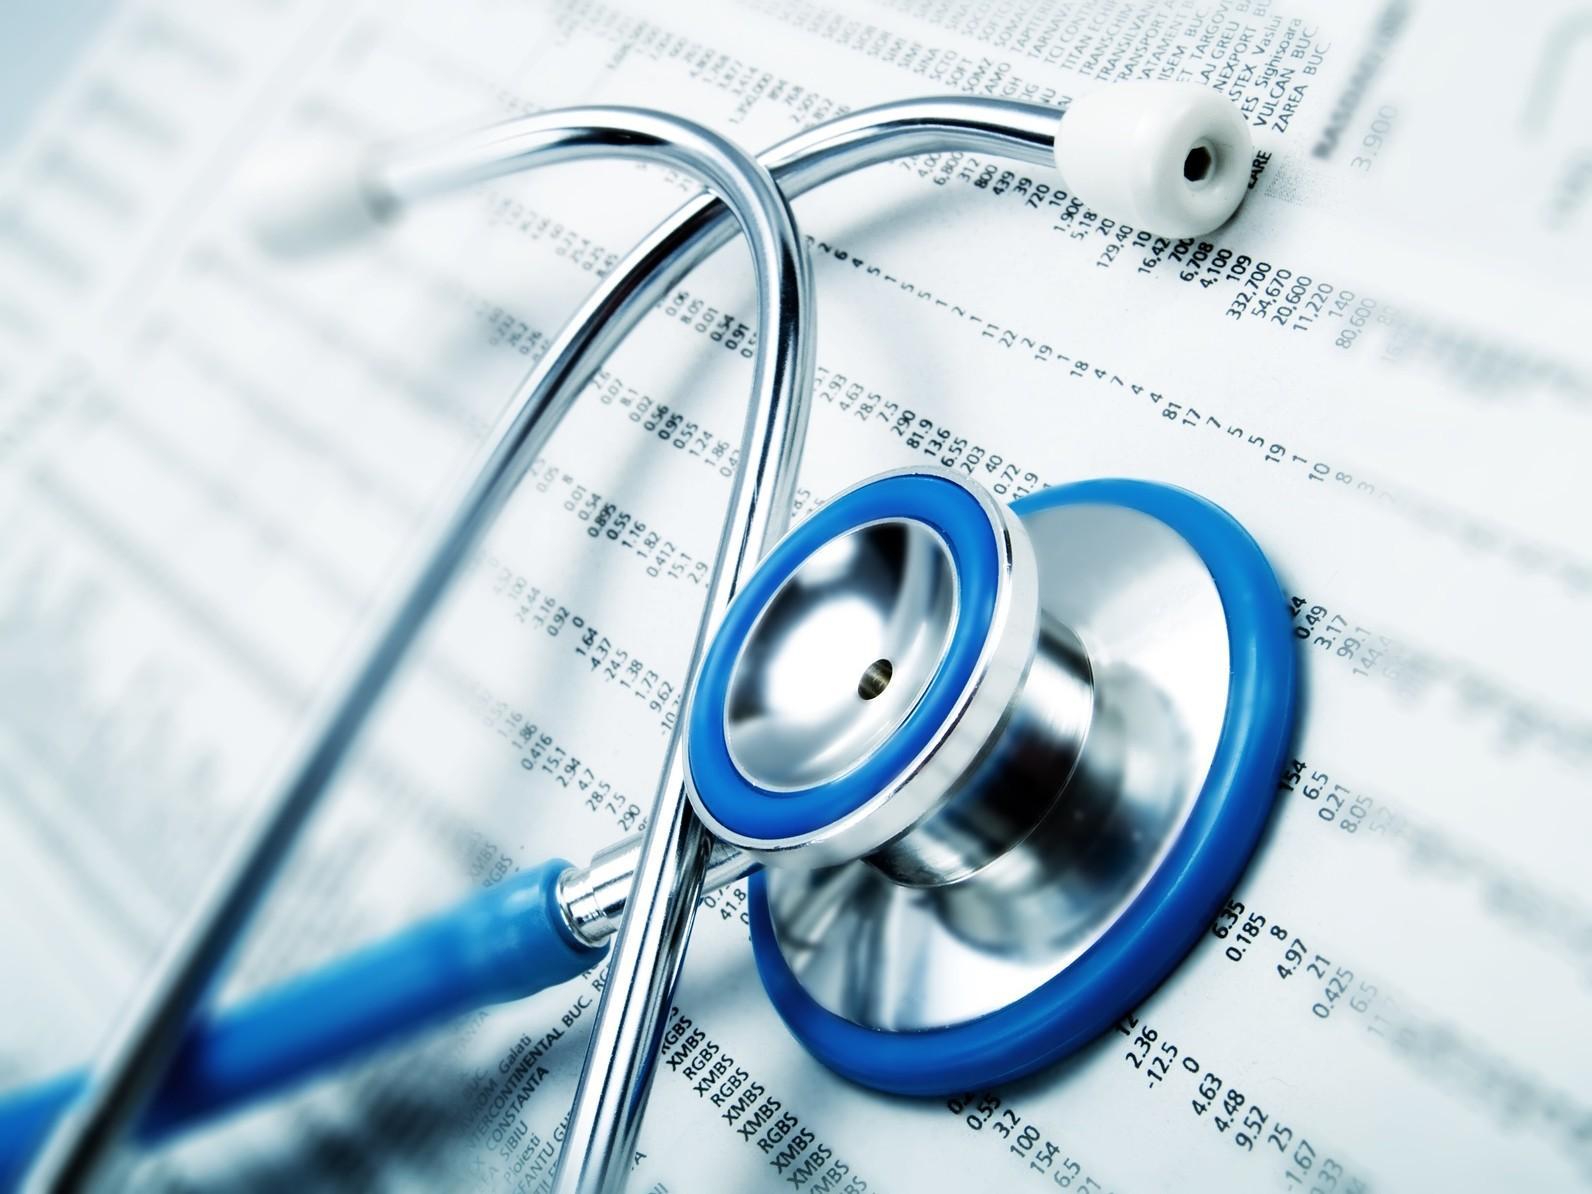 საქართველოს საყოველთაო ჯანდაცვის სისტემისა და მიმდინარე რეფორმების ანალიზი